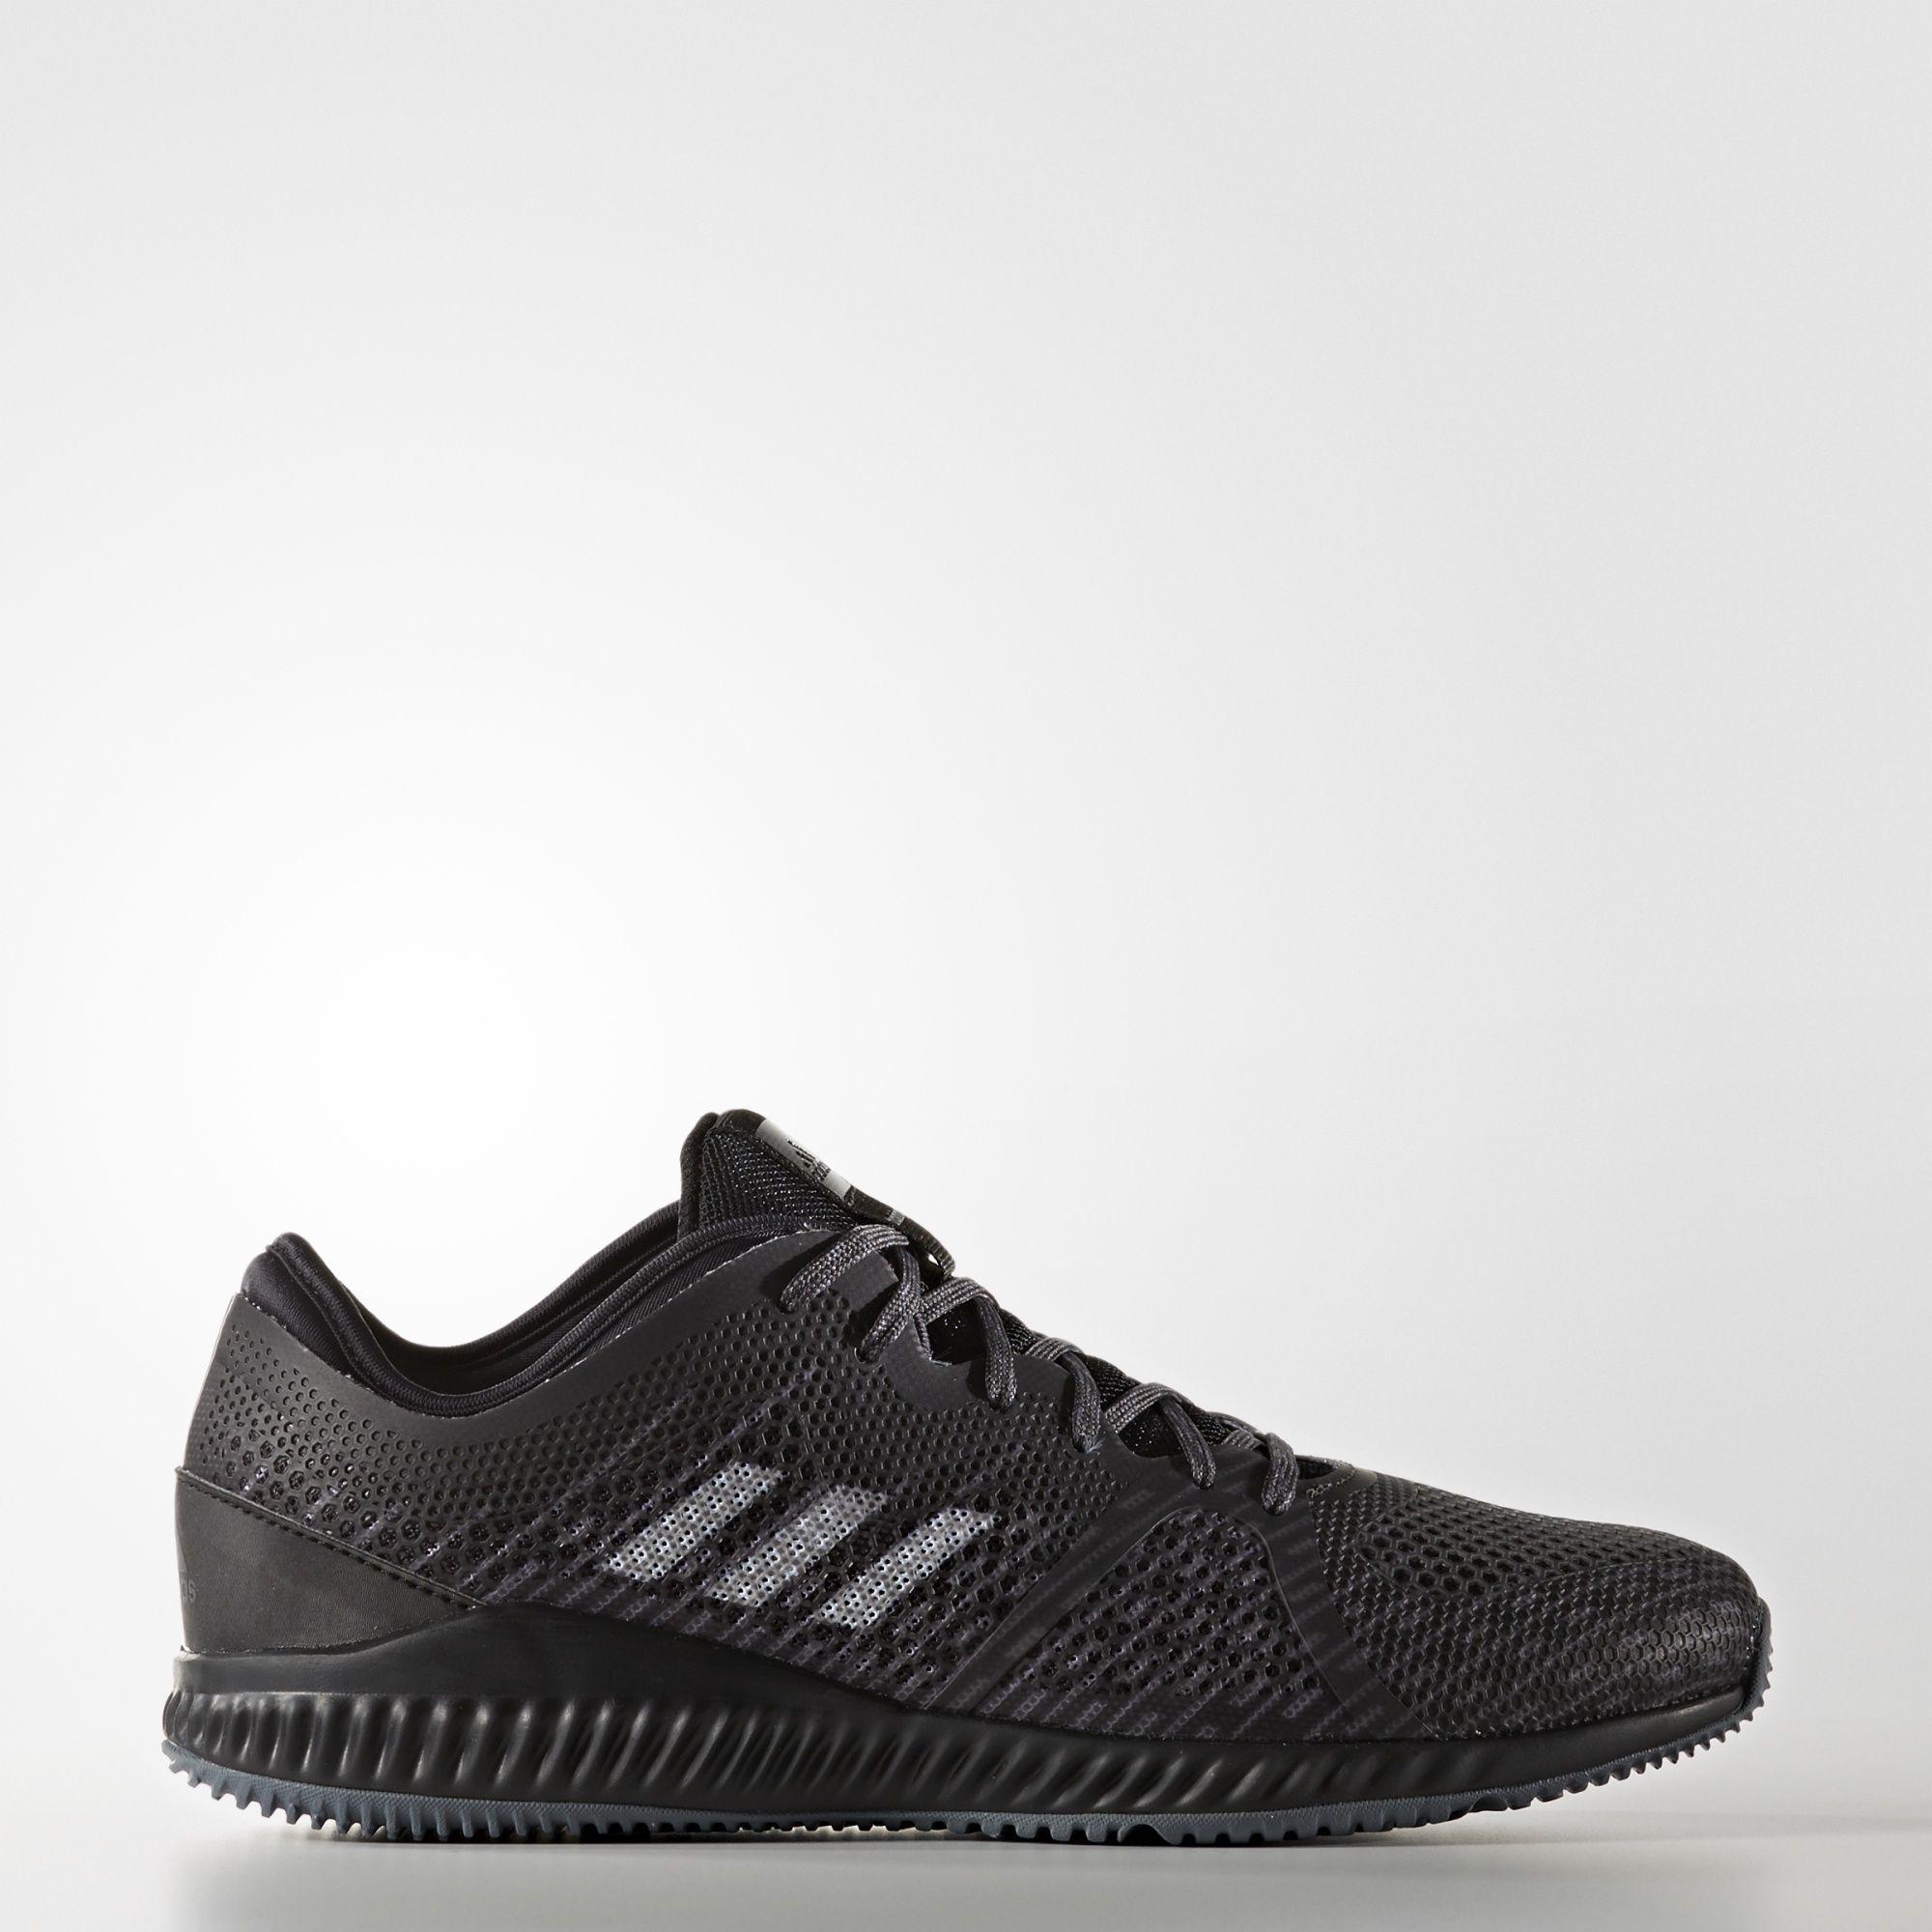 newest 39b84 e6d65 adidas - CrazyTrain Pro Shoes